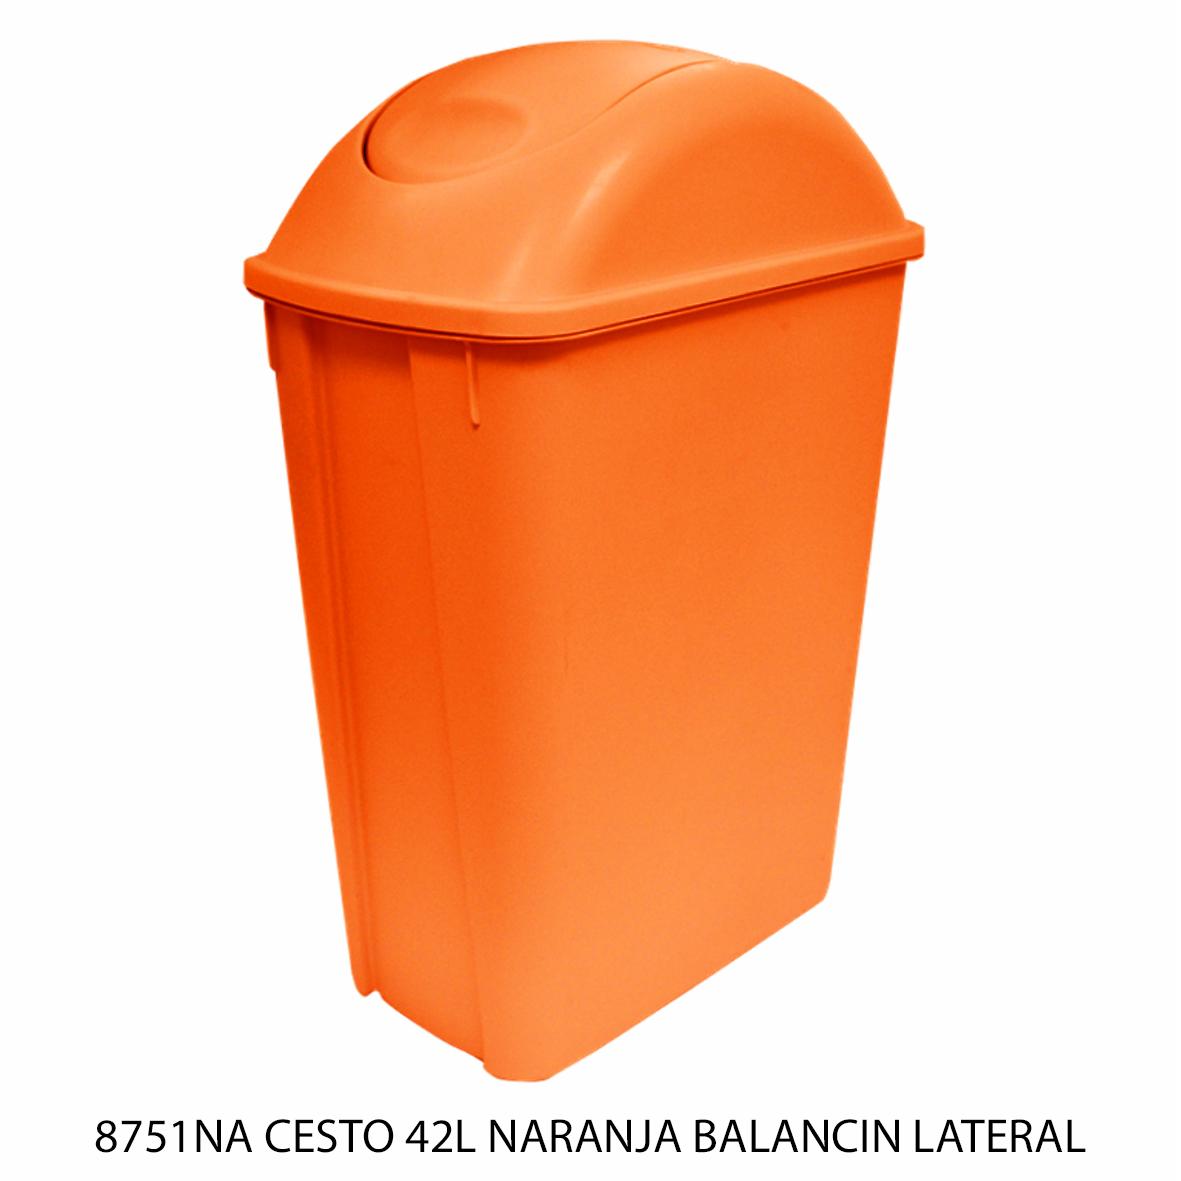 Bote de basura mediano de 42 litros con balancín lateral color naranja modelo 8751NA de Sablón